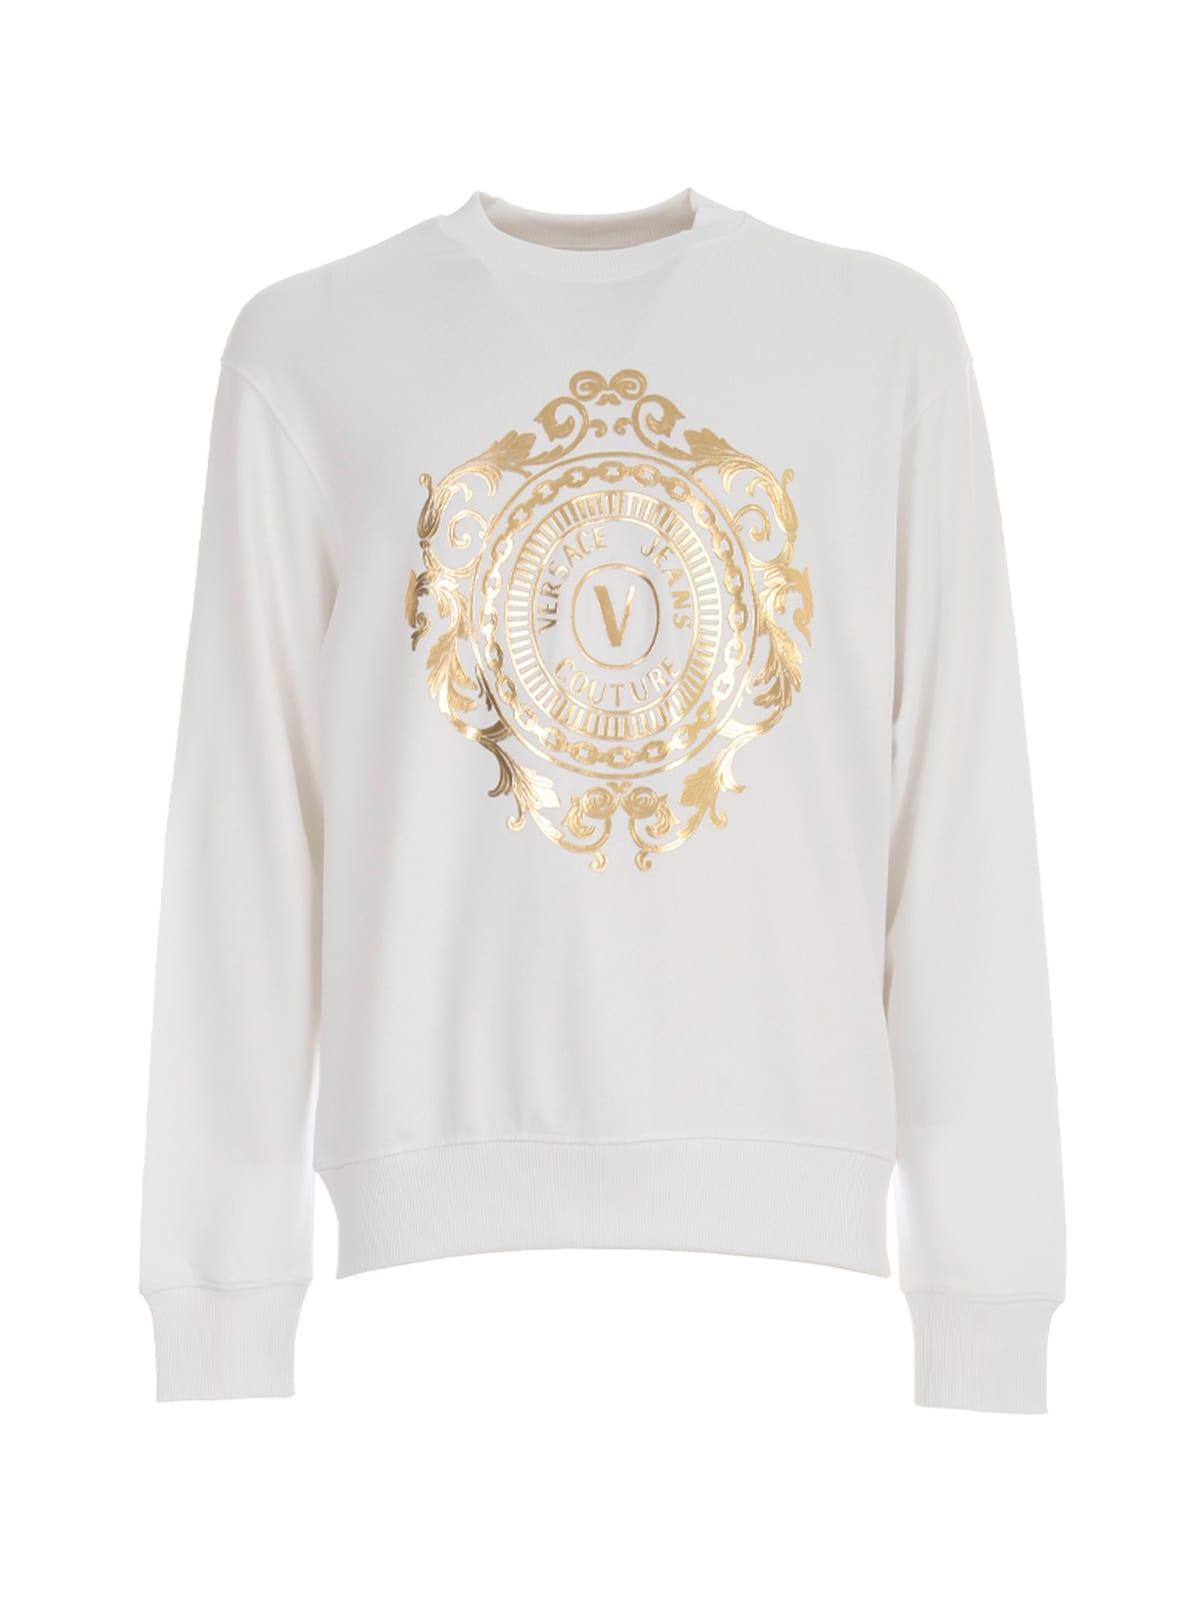 Versace Jeans Couture Vemblem Big 3d Gold Round Neck Sweatshirt